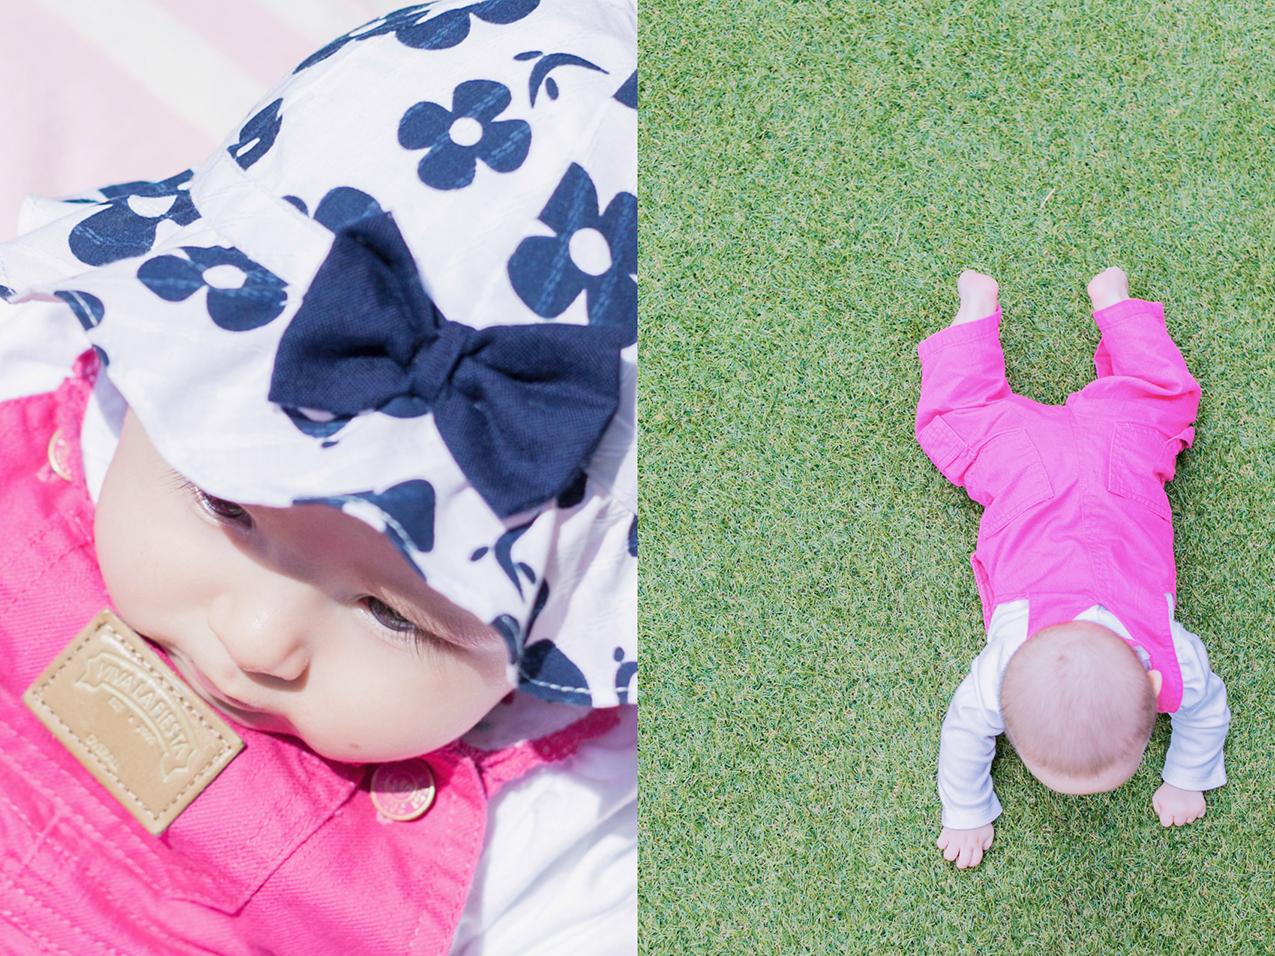 20fotografia-de-niños-bebes-recien-nacido-embarazo-retratos.jpg